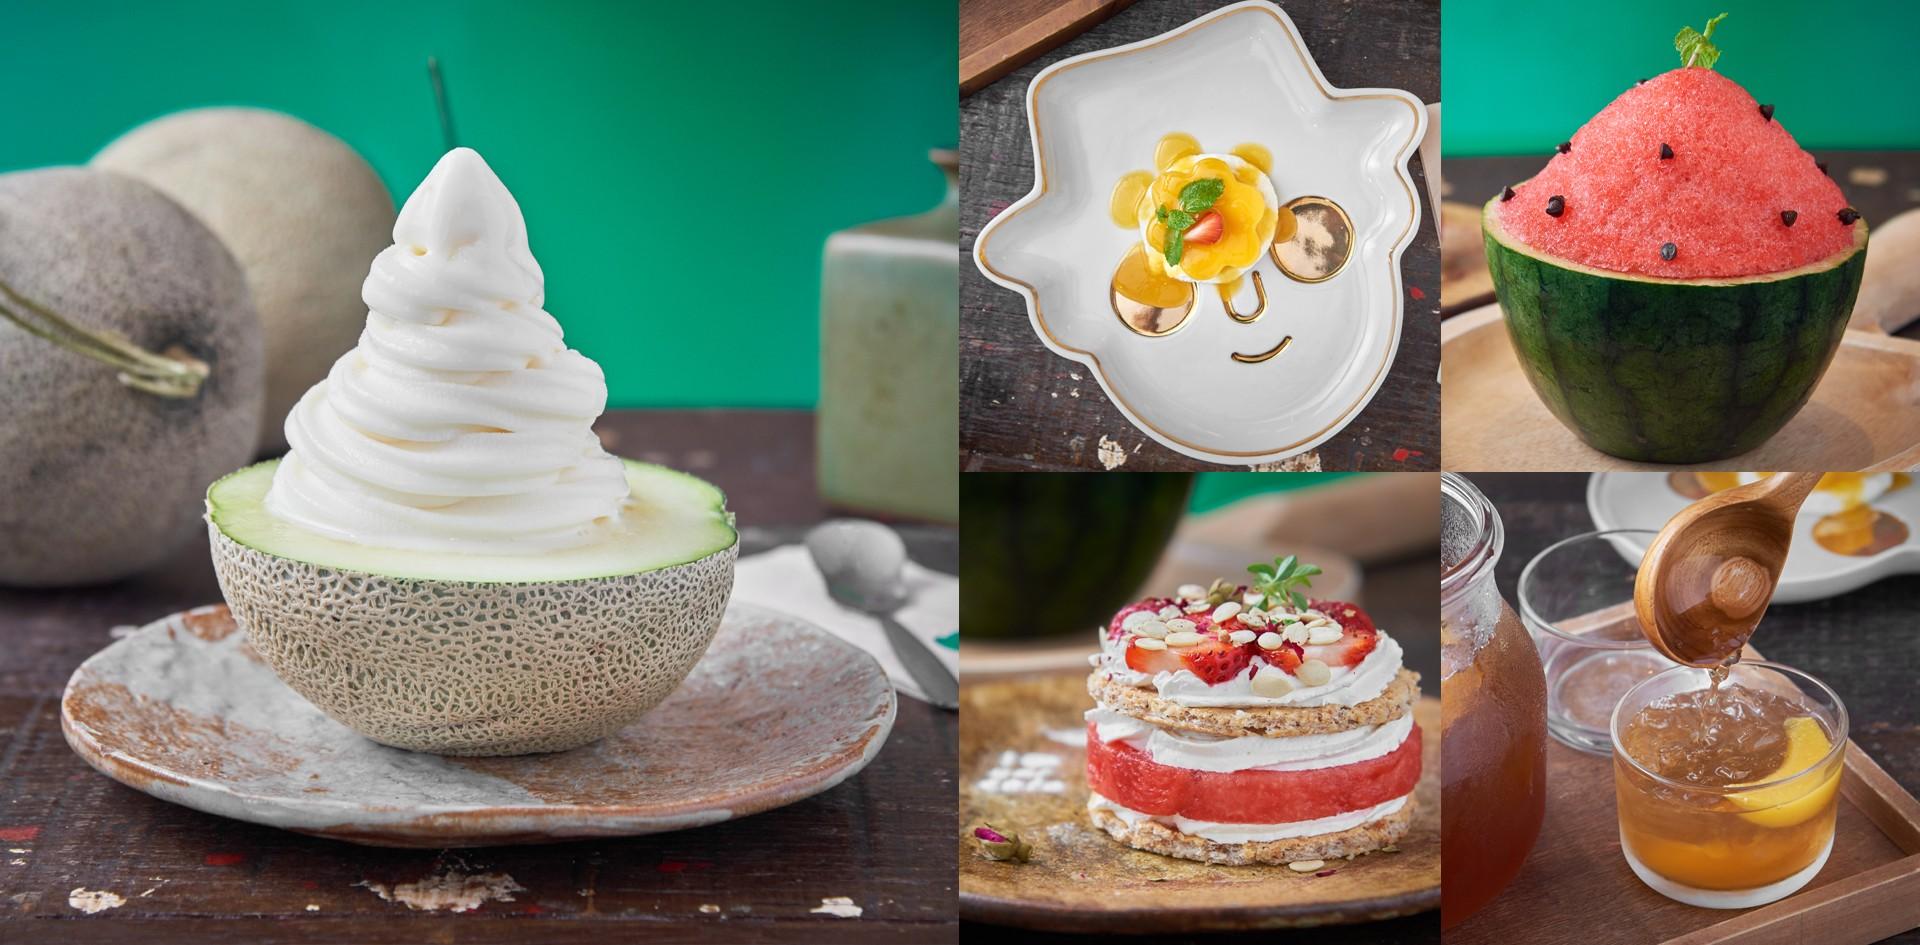 """แวะกินอาหารที่ผสมผสานเข้ากับศิลปะ สไตล์ """"โน้ส อุดม"""" ที่ Local Cafe"""